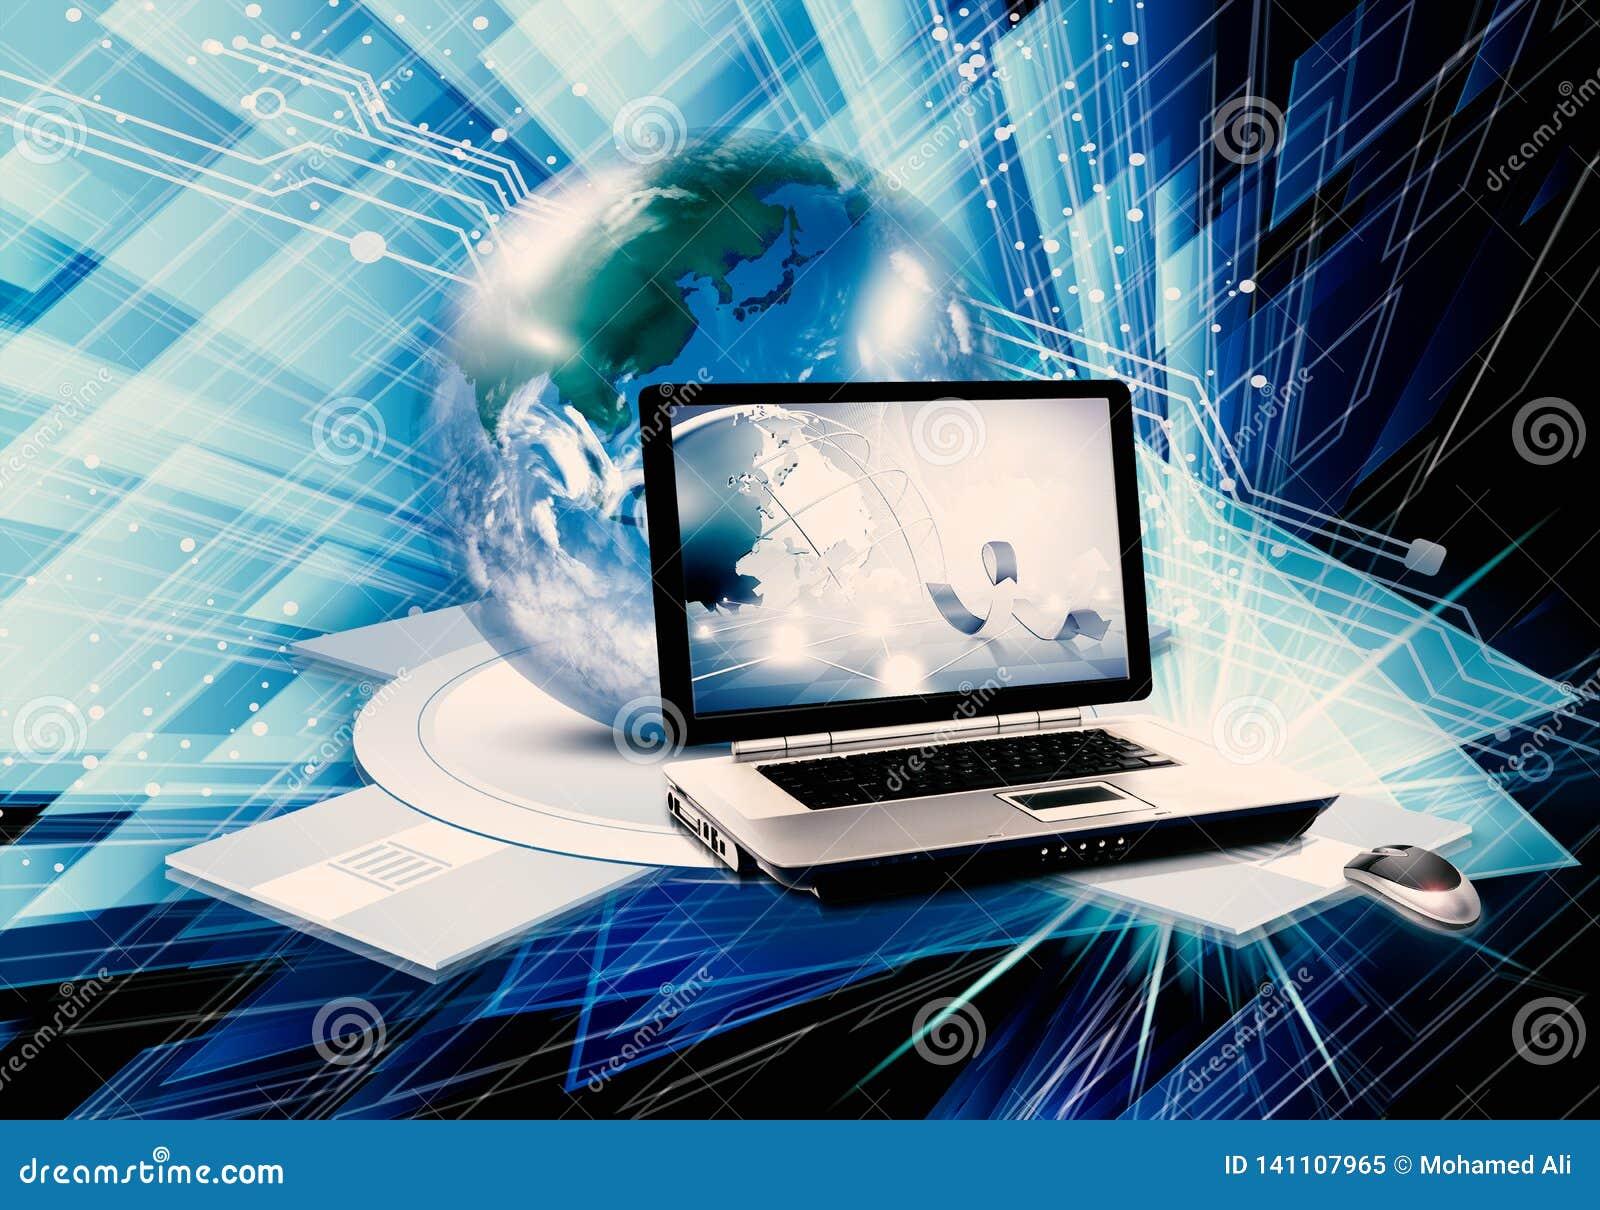 Ilustração 3d gerada por computador colorido do sumário artístico de um portátil e de um globo como um fundo tecnologico moderno